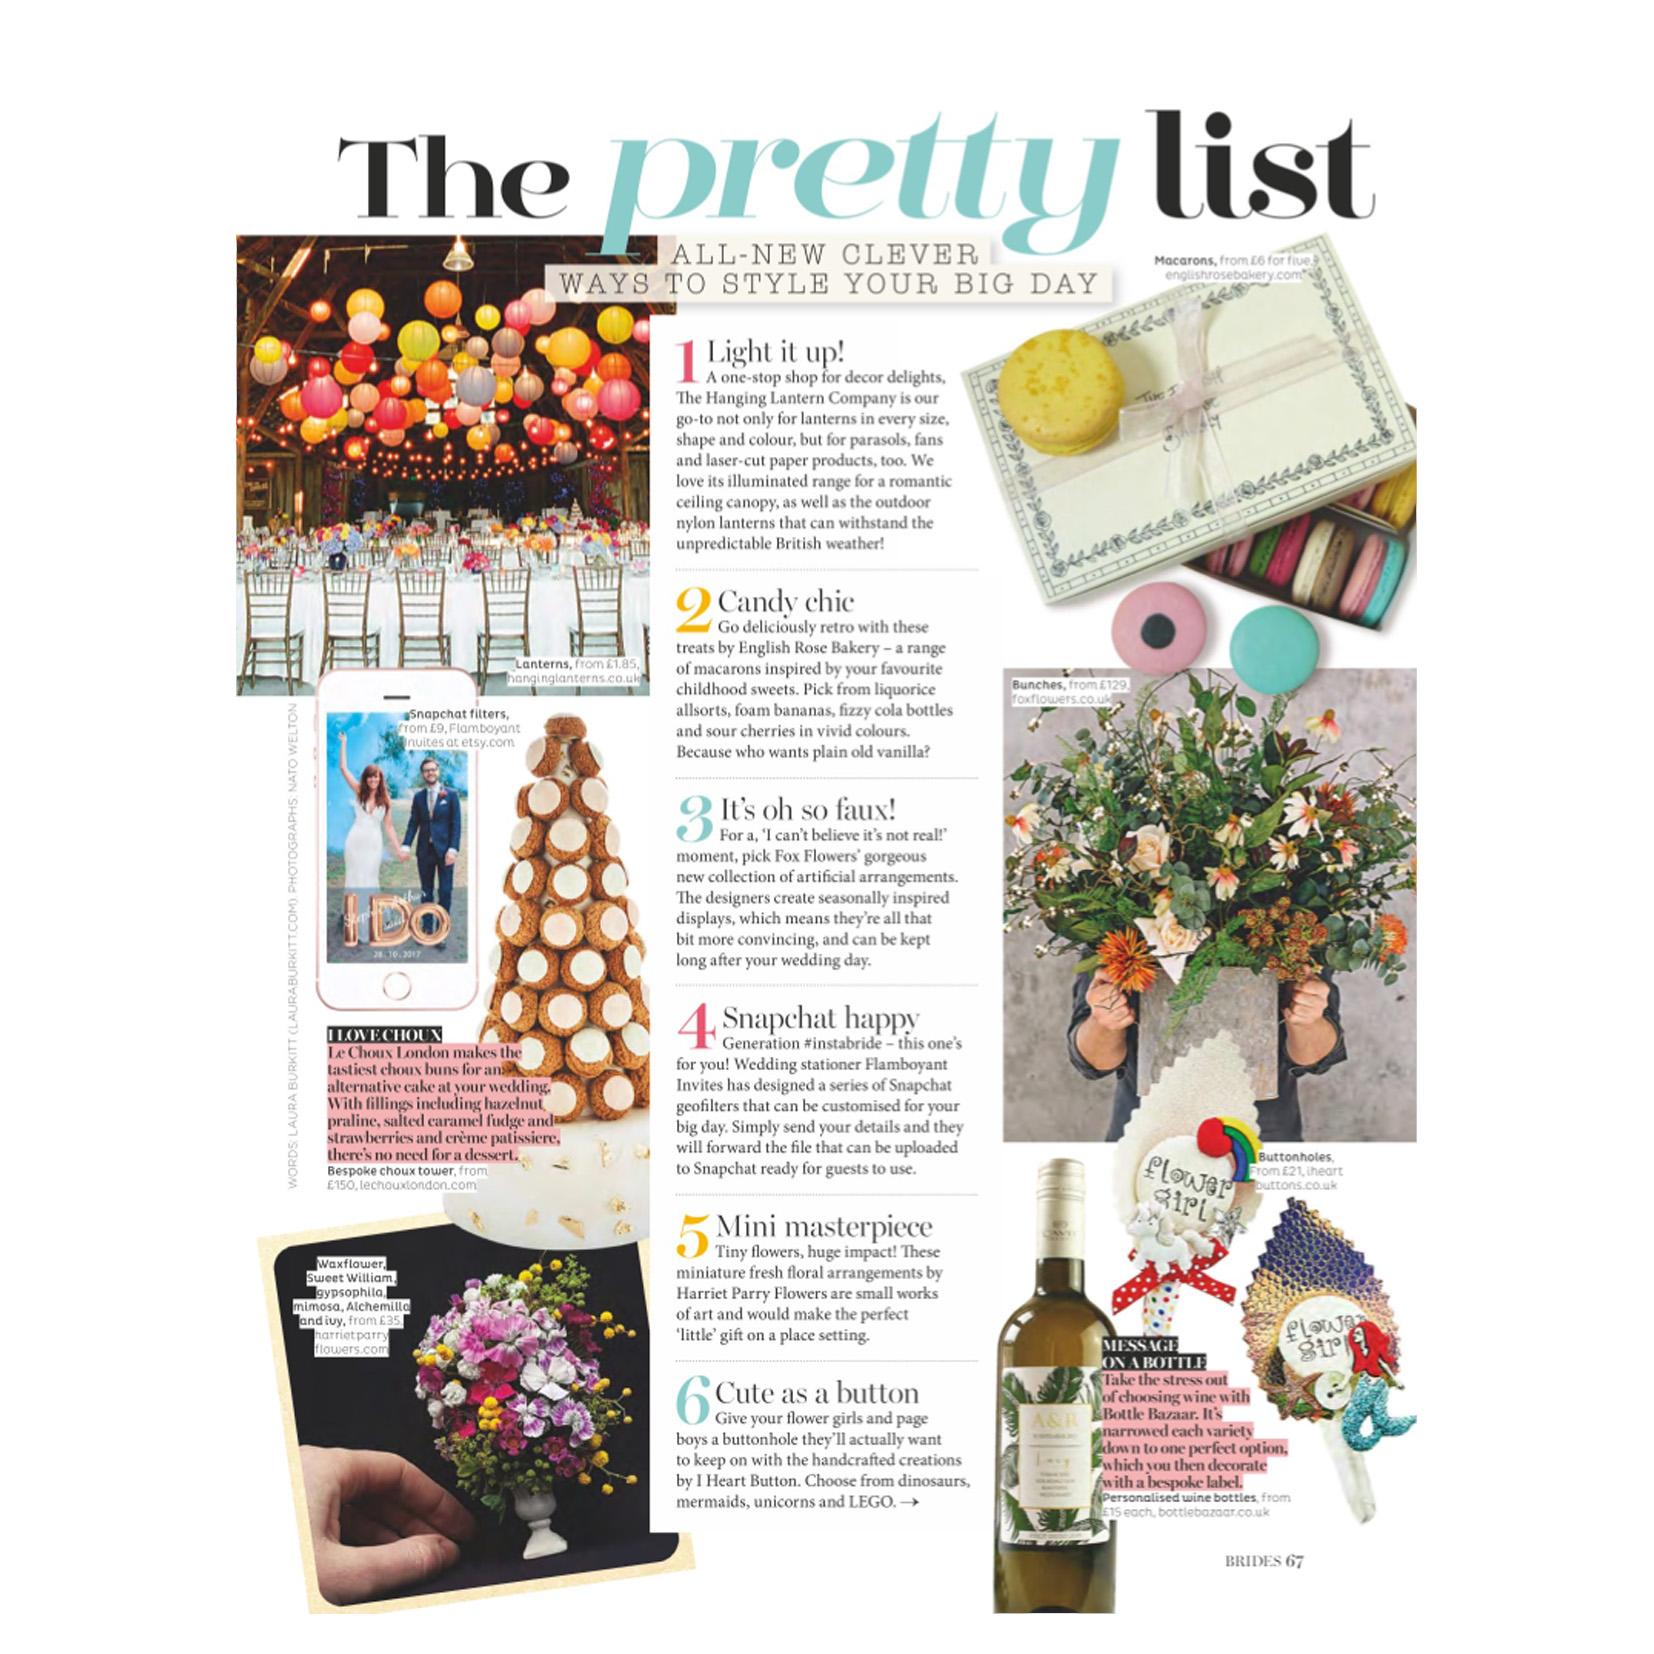 miniflowerarranger brides magazine feb 2018-harriet parry feature.jpg